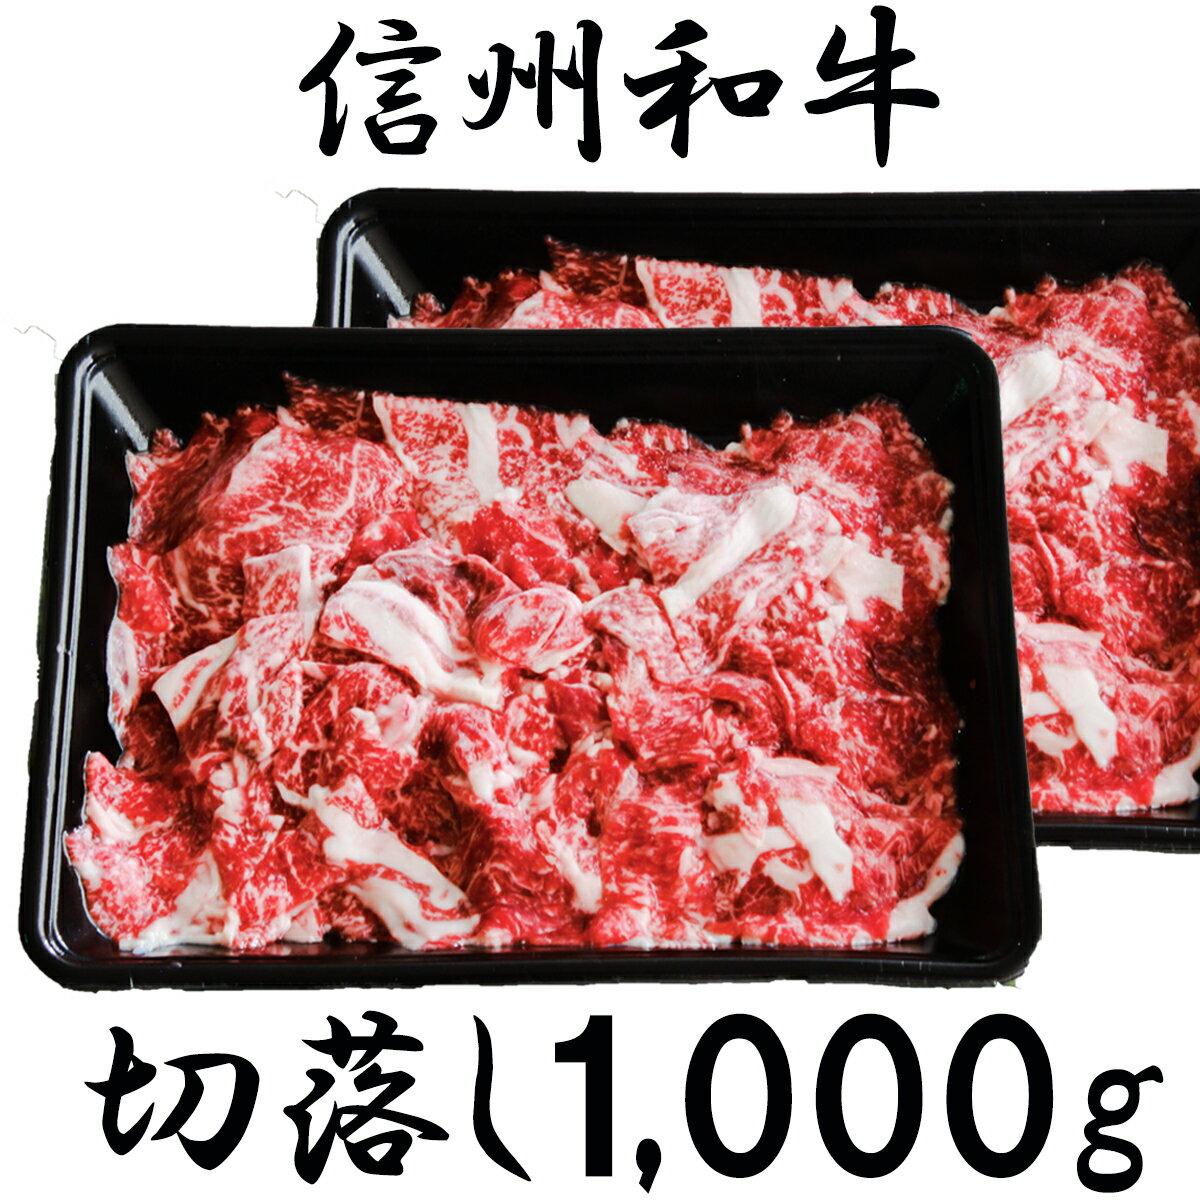 【緊急支援品】 信州 麻績 極上黒毛和牛 切り落とし 1kg (500g×2パック) 牛丼 肉じゃが 炒め物 長野 清水牧場